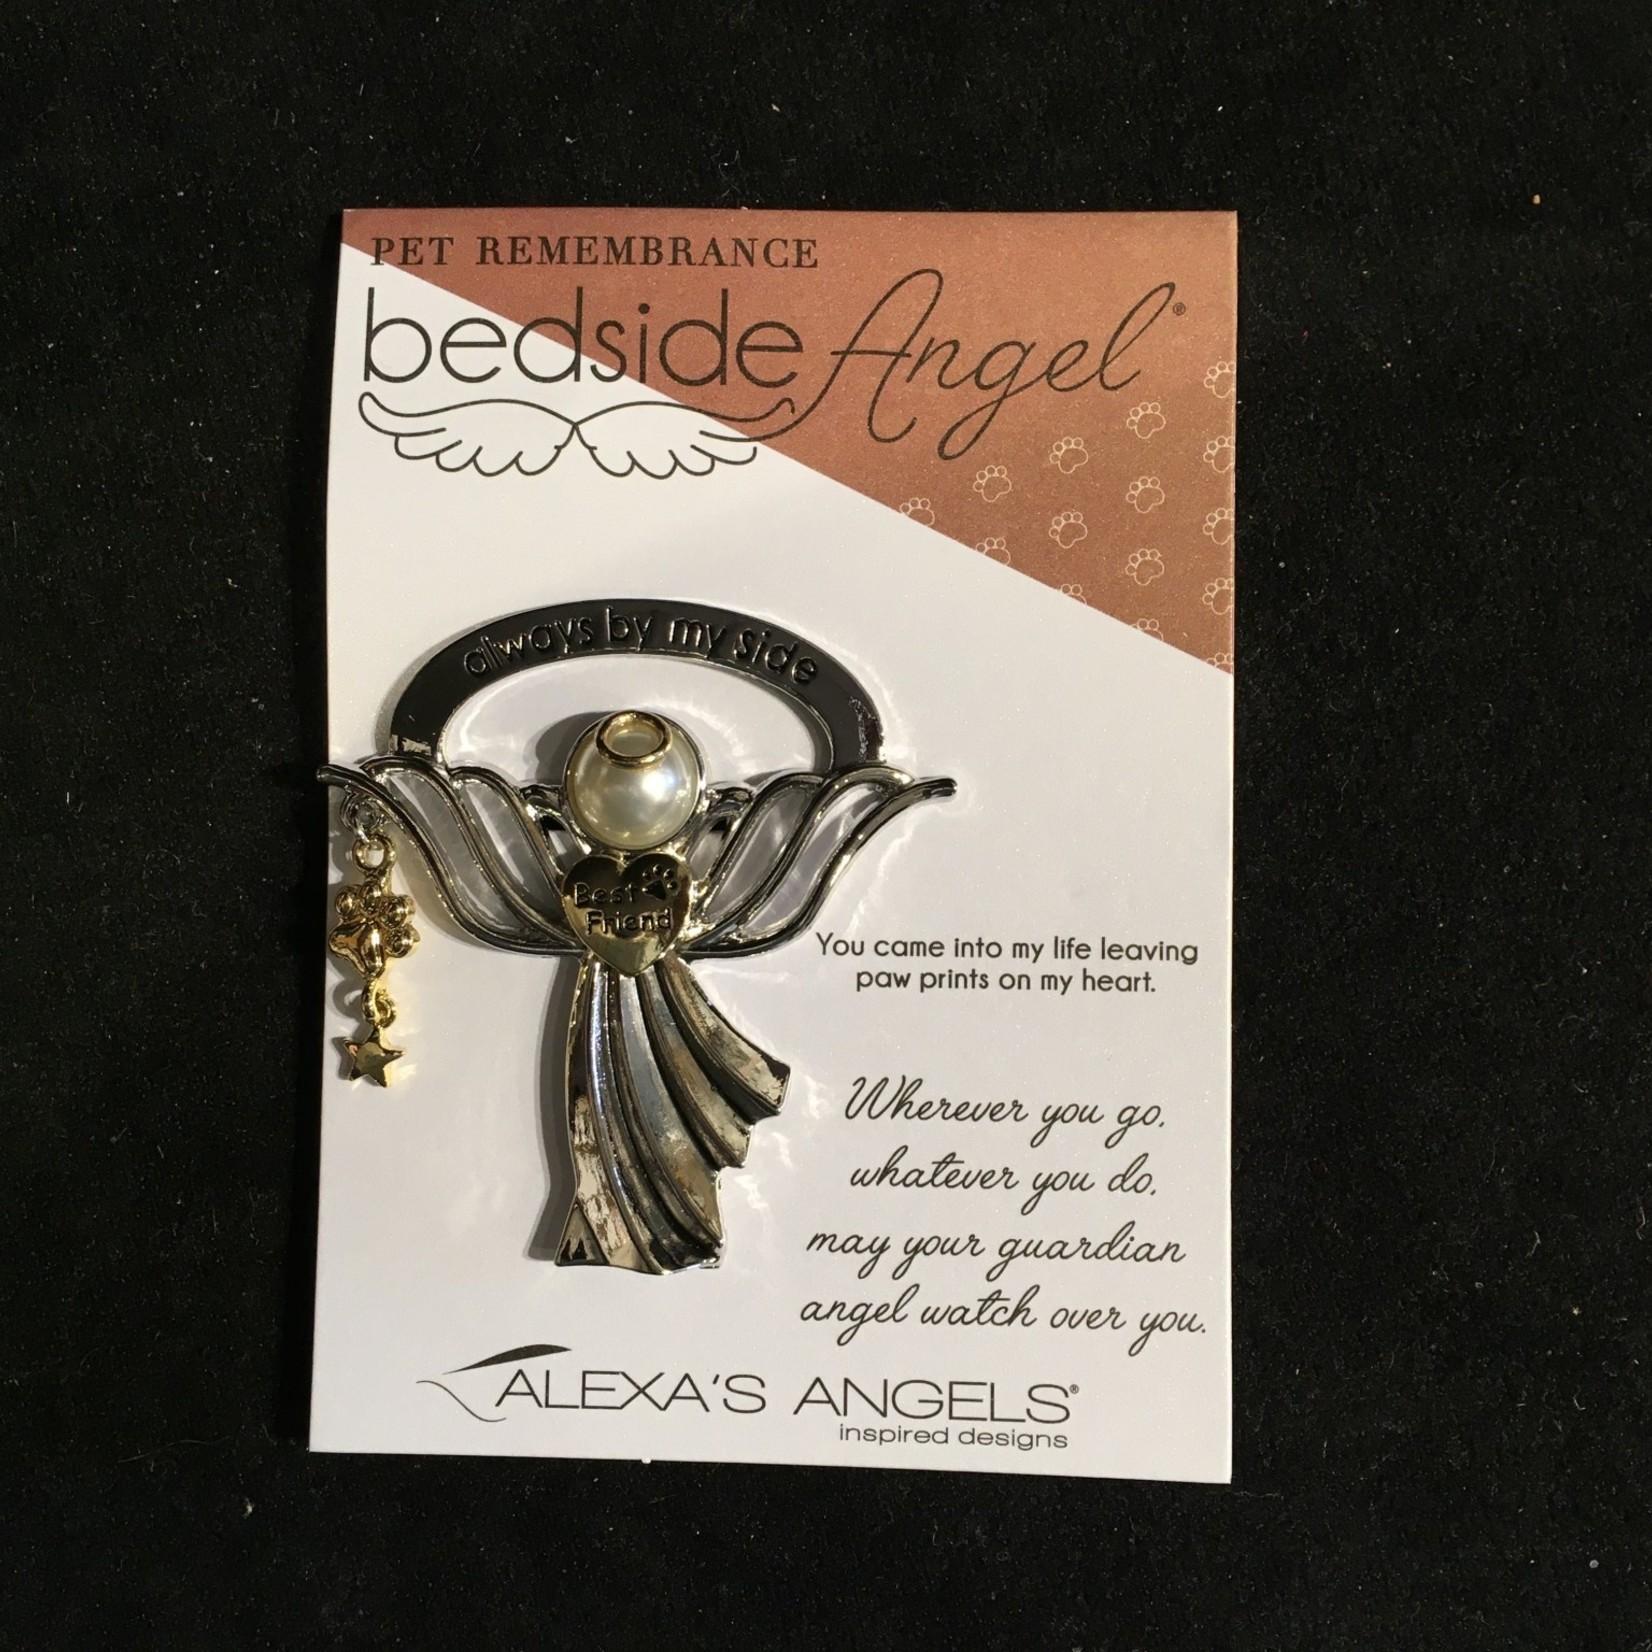 Pet Remembrance Bedside Angel